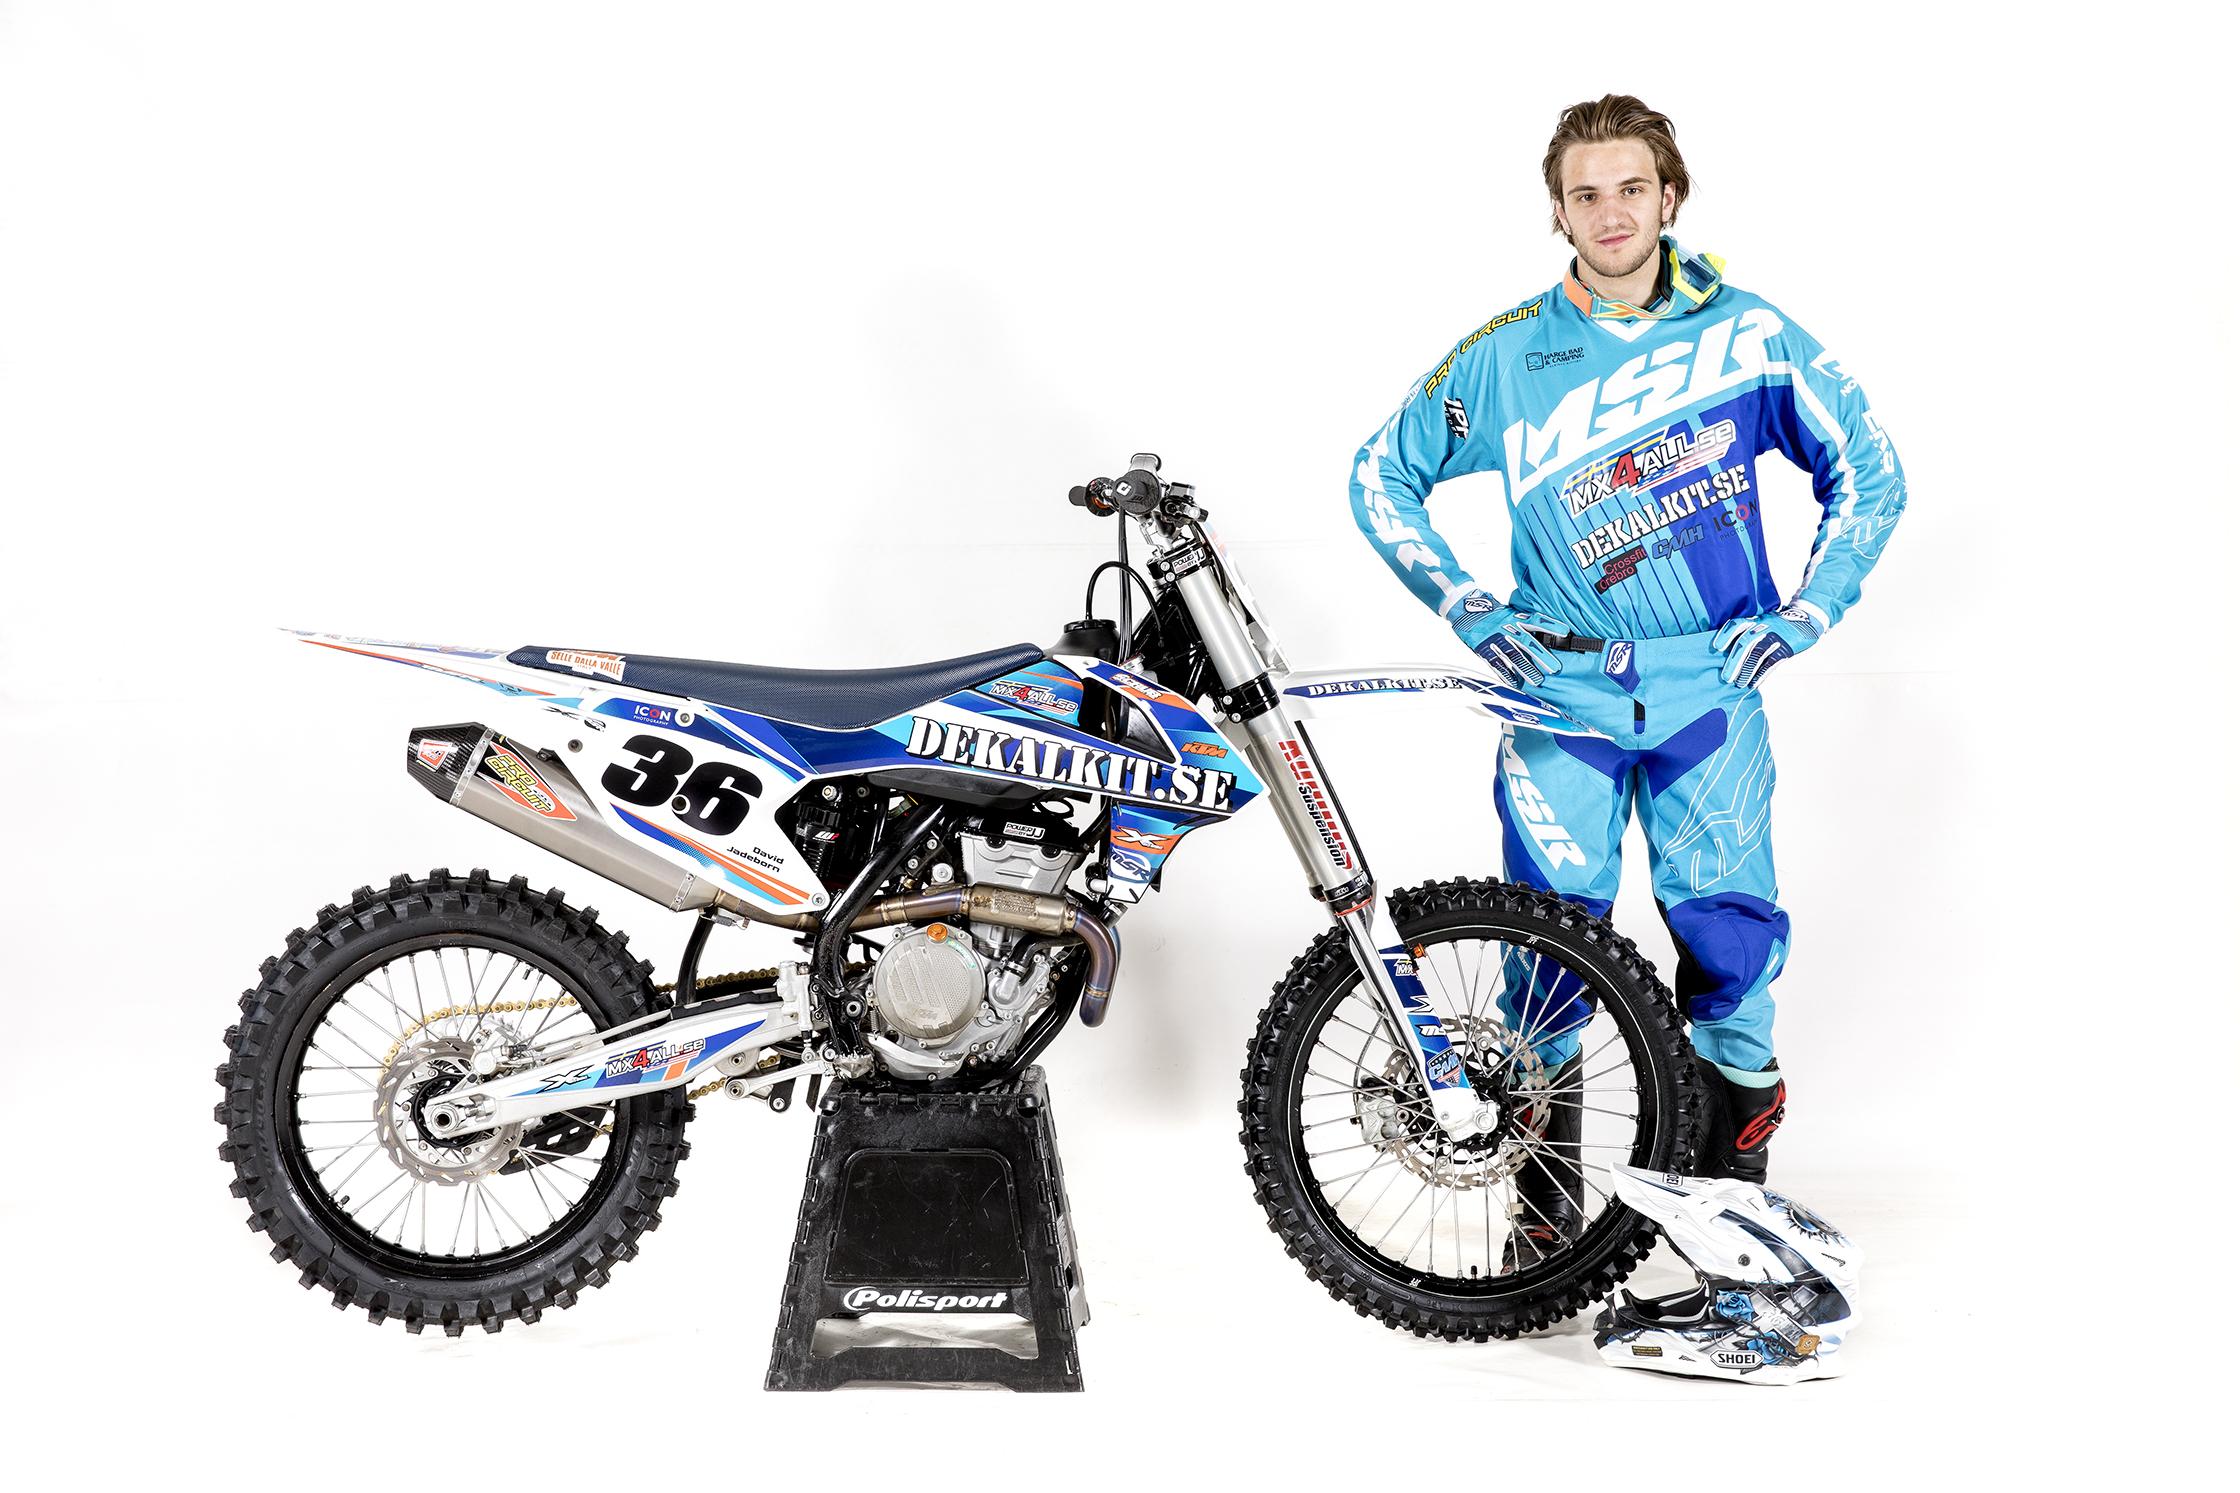 David Jadeborn, motocrossförare.